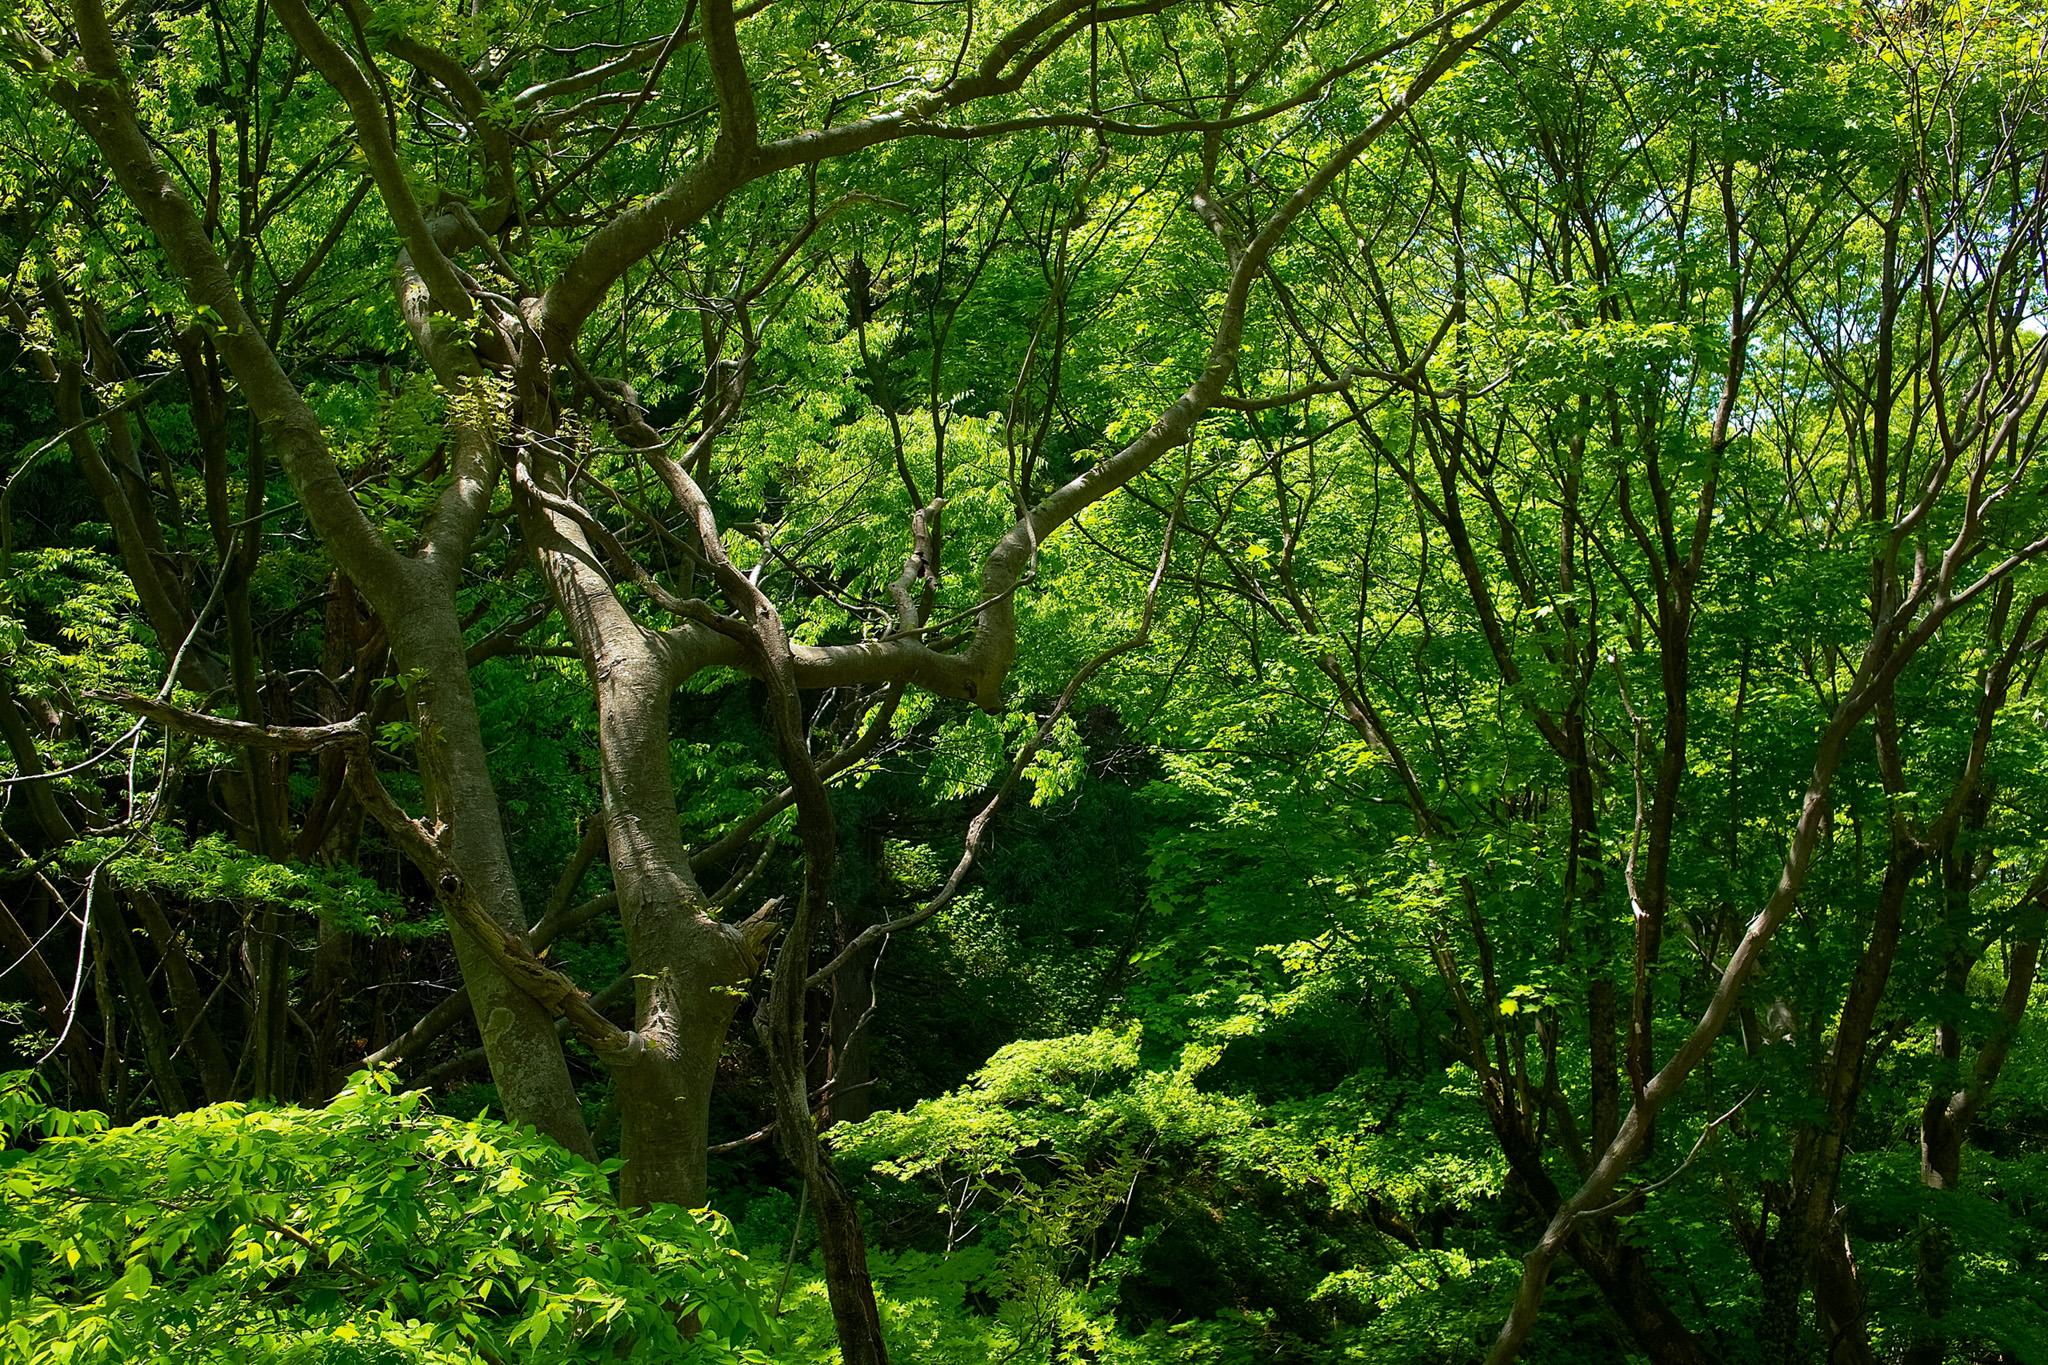 「緑の樹木が生い茂る林」